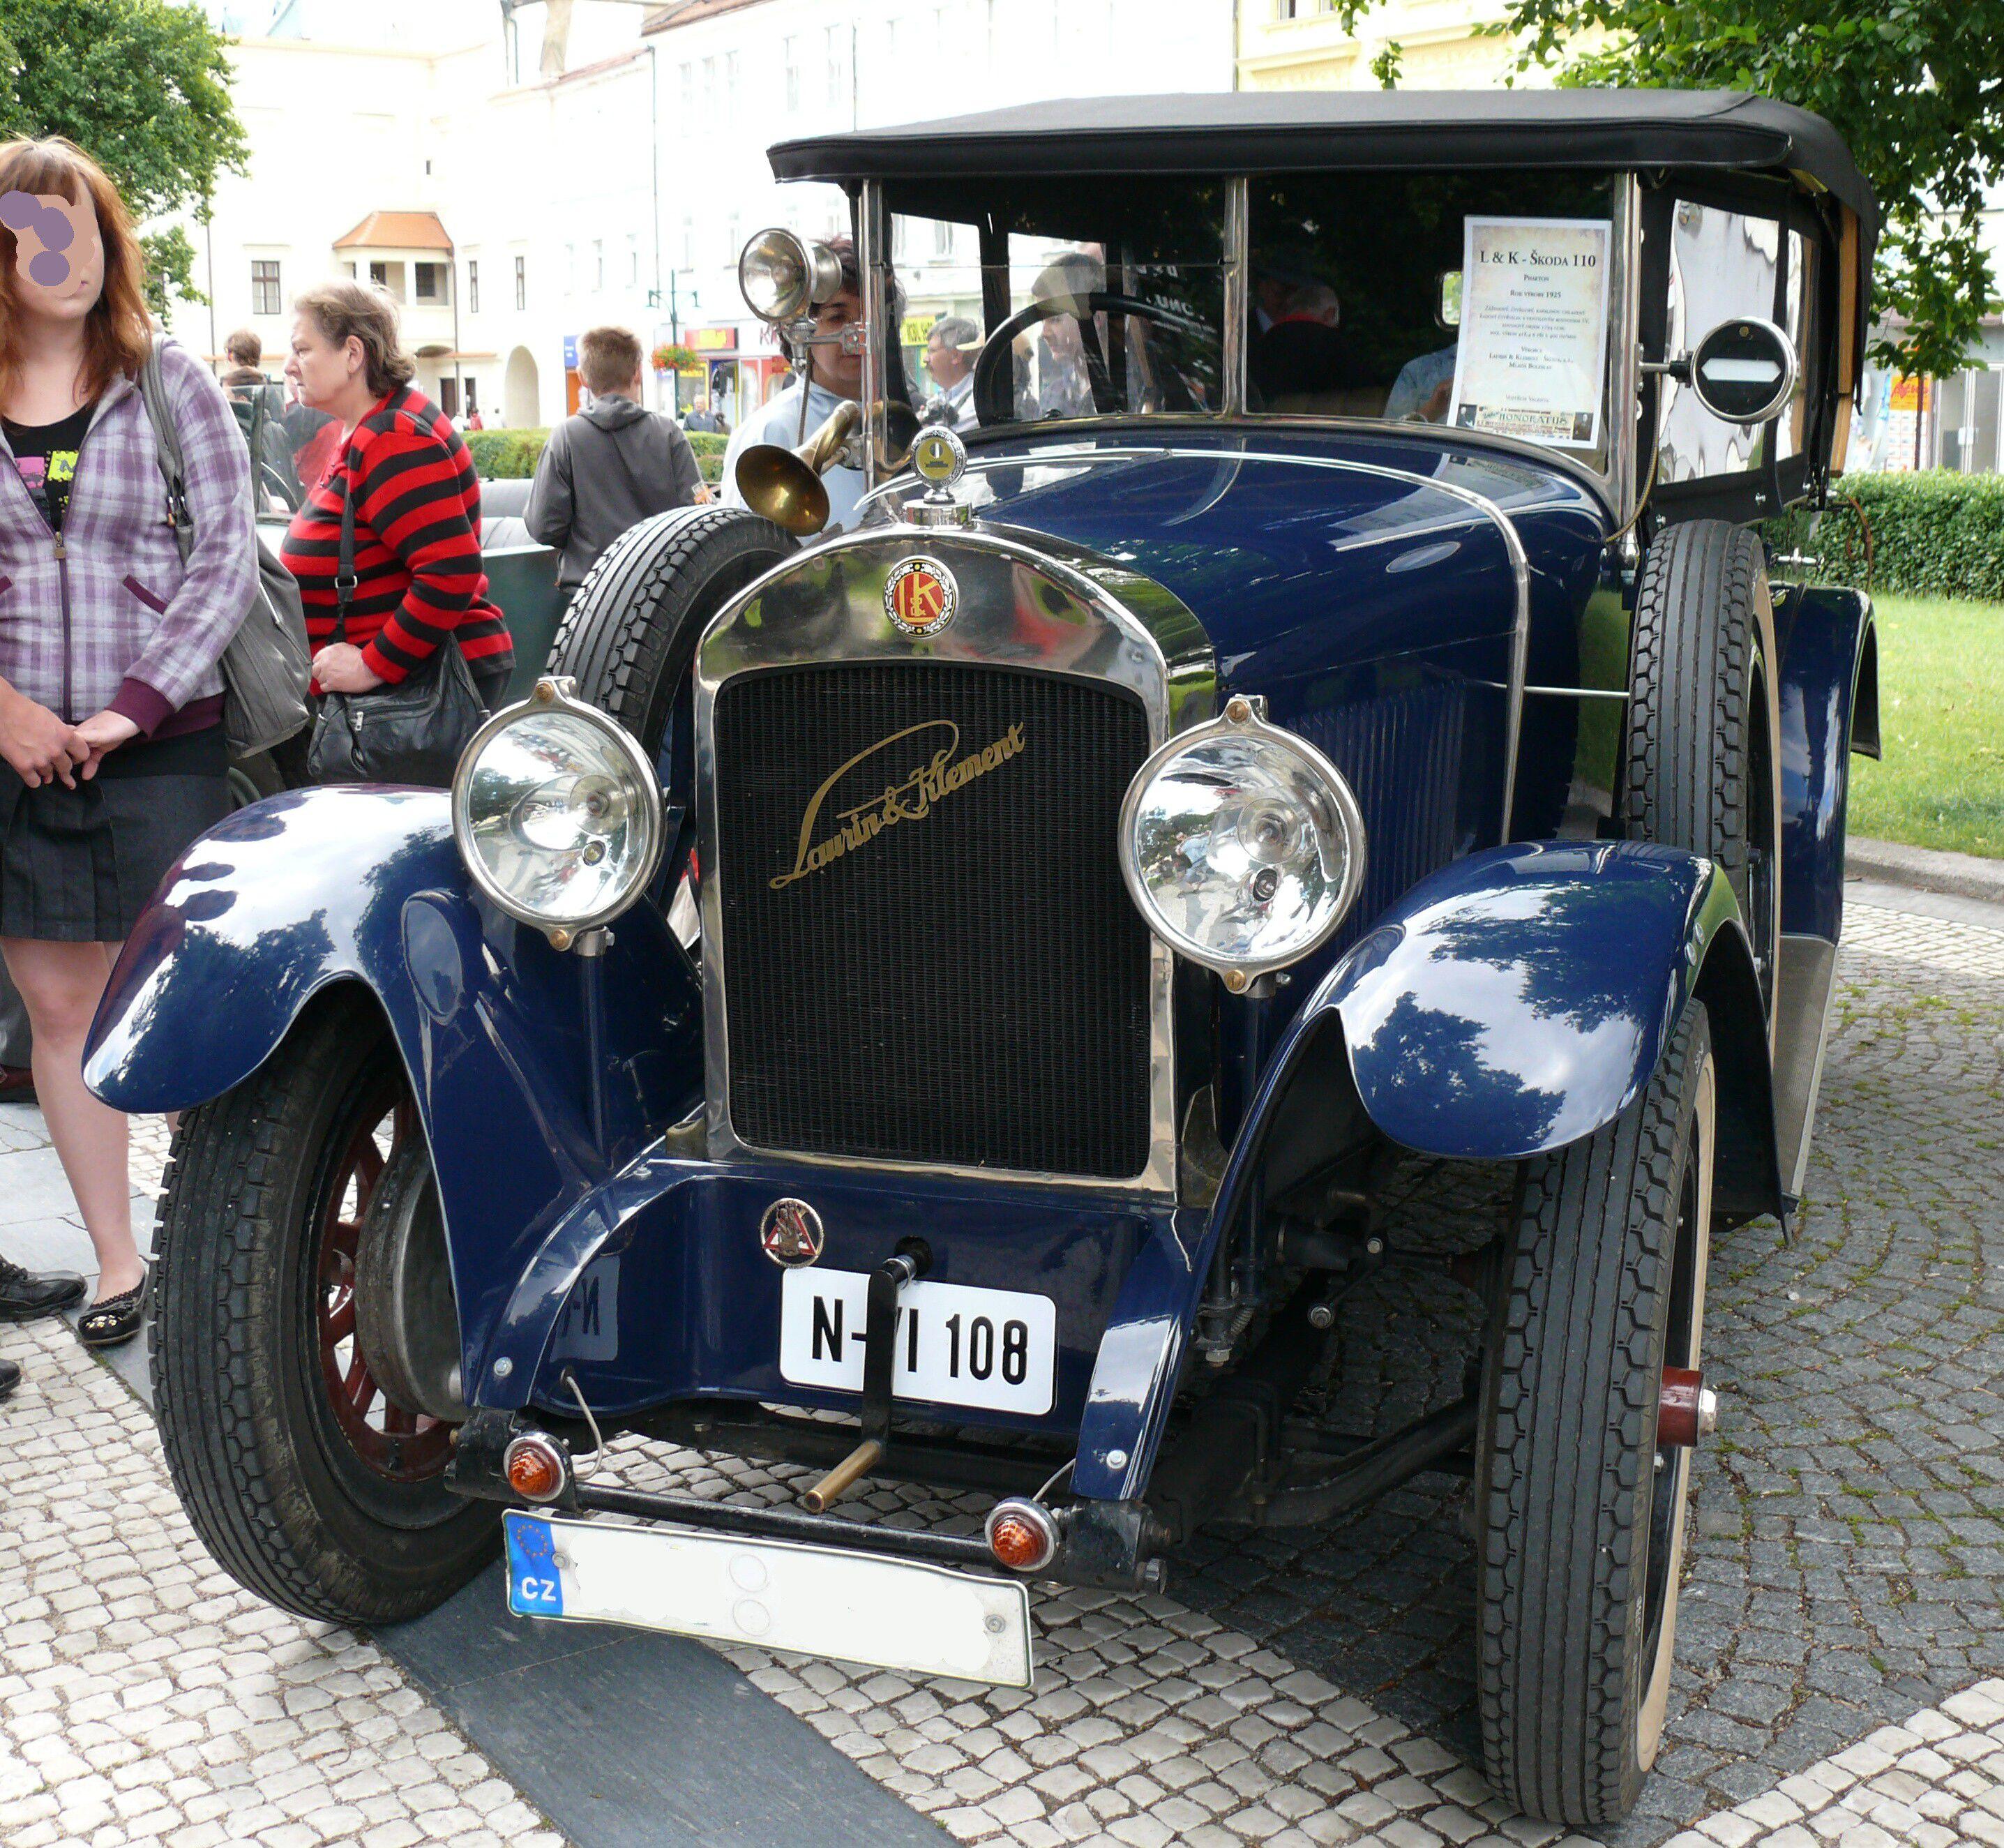 1925 Koda Laurin Amp Klement 110 Galerie Veter 225 Ni I